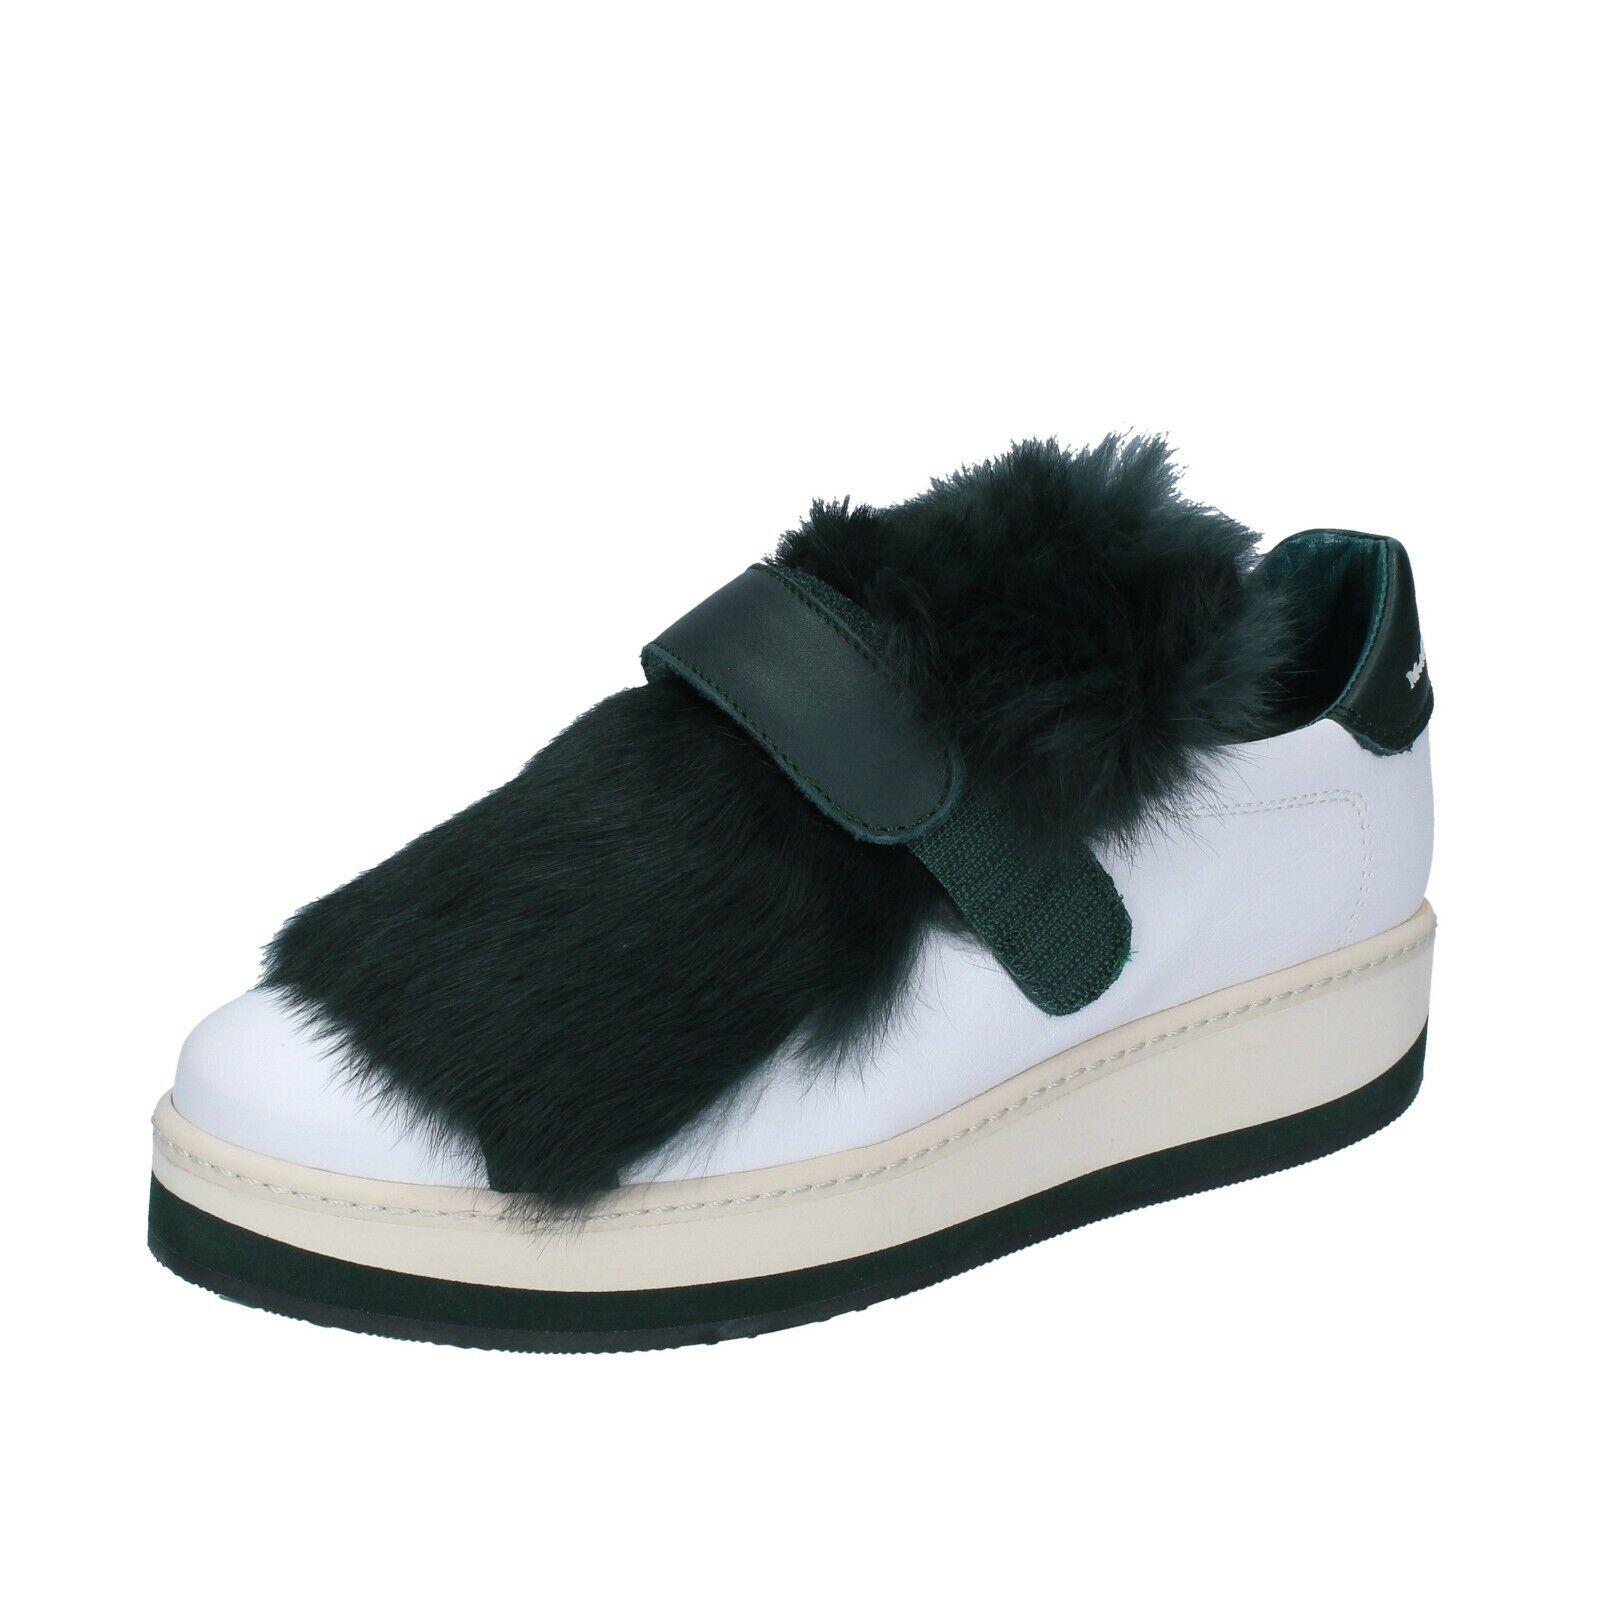 Chaussures Femmes Manuel Barcelo 6 (UE 36) Baskets Blanc Cuir Vert BS331-36